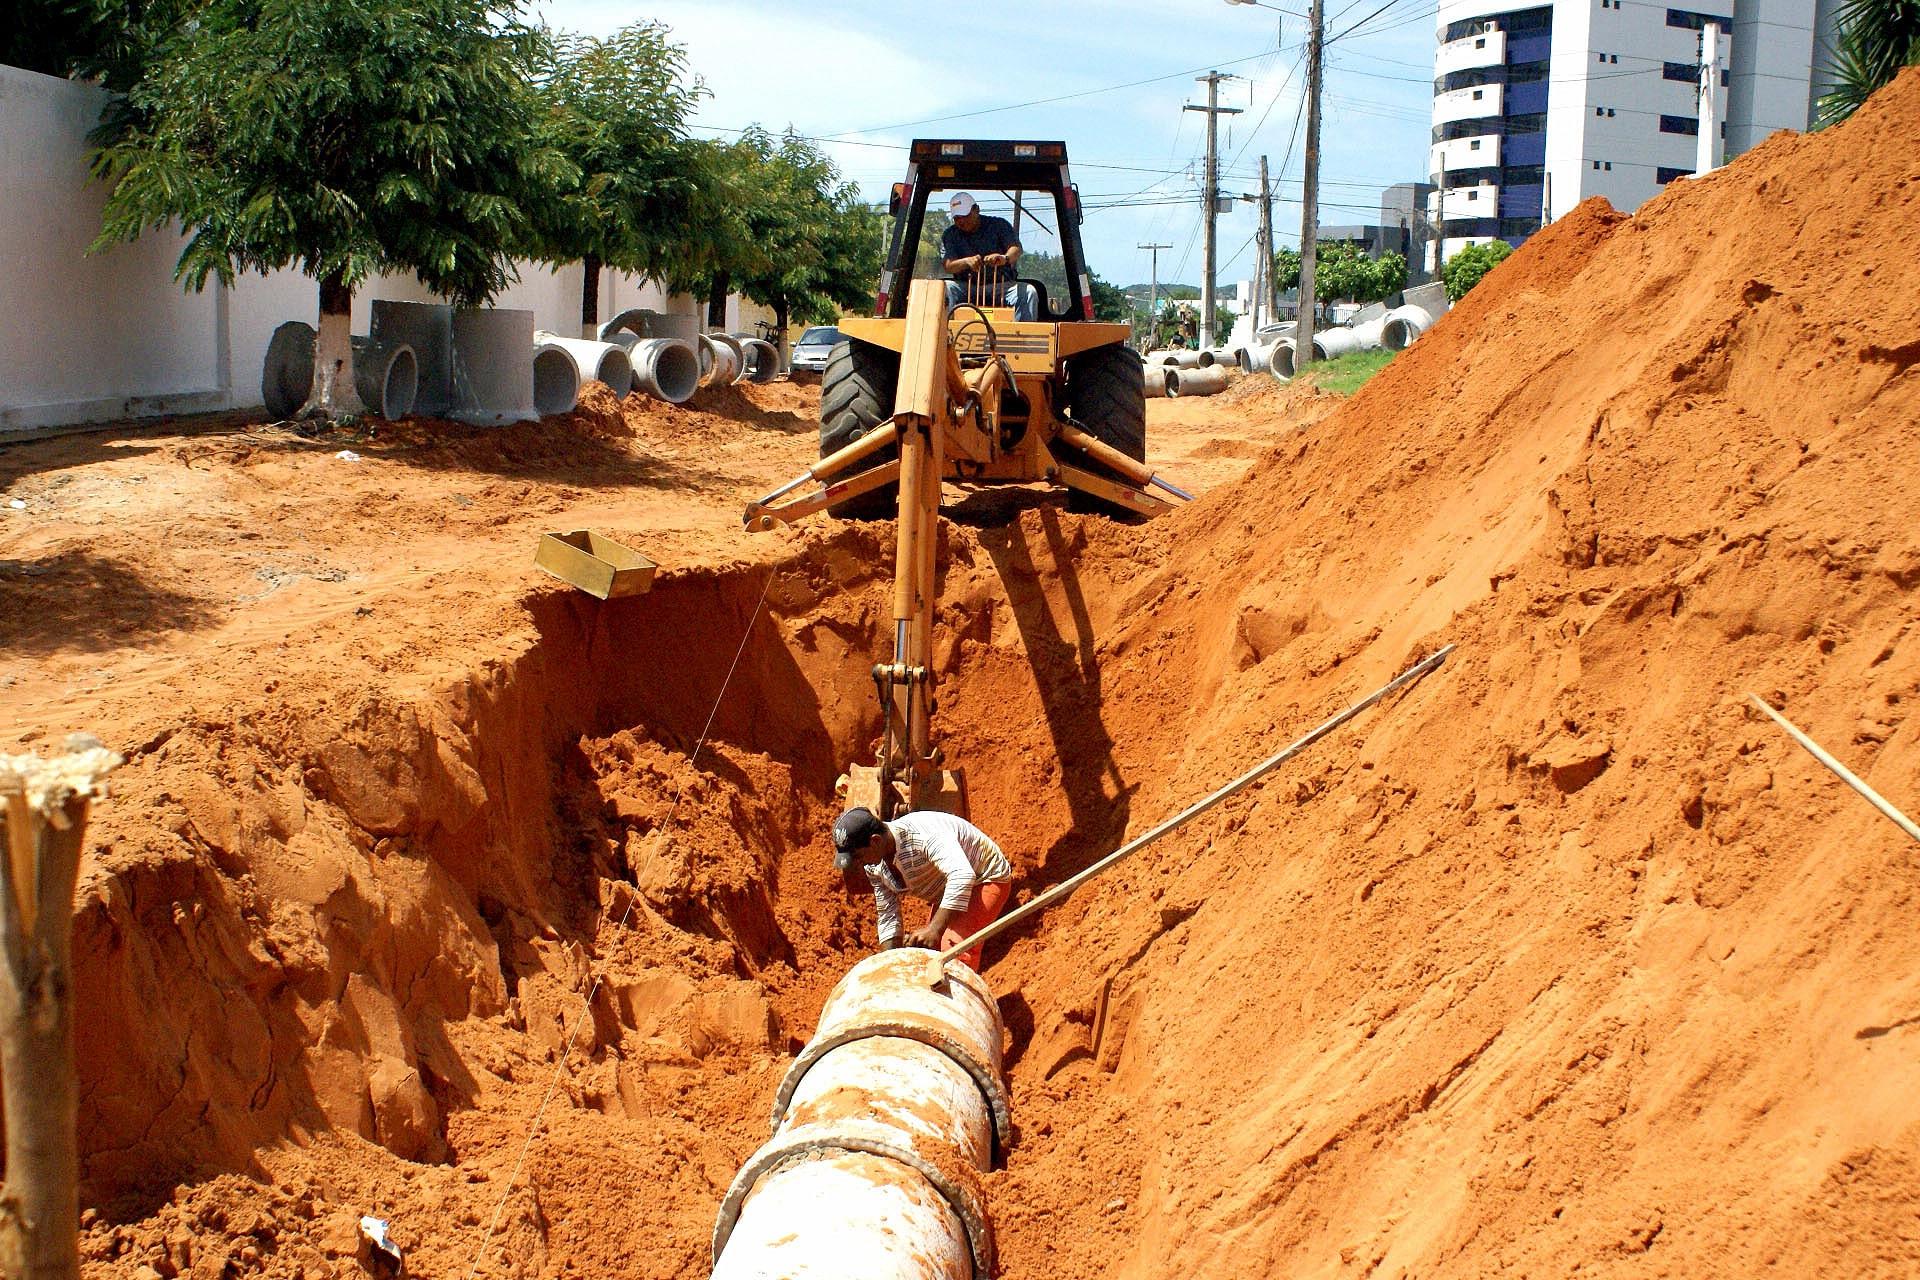 Expectativa é de que marco legal do saneamento básico tenha potencial multiplicador em toda a cadeia produtiva da construção civil Crédito: Ministério do Desenvolvimento Regional